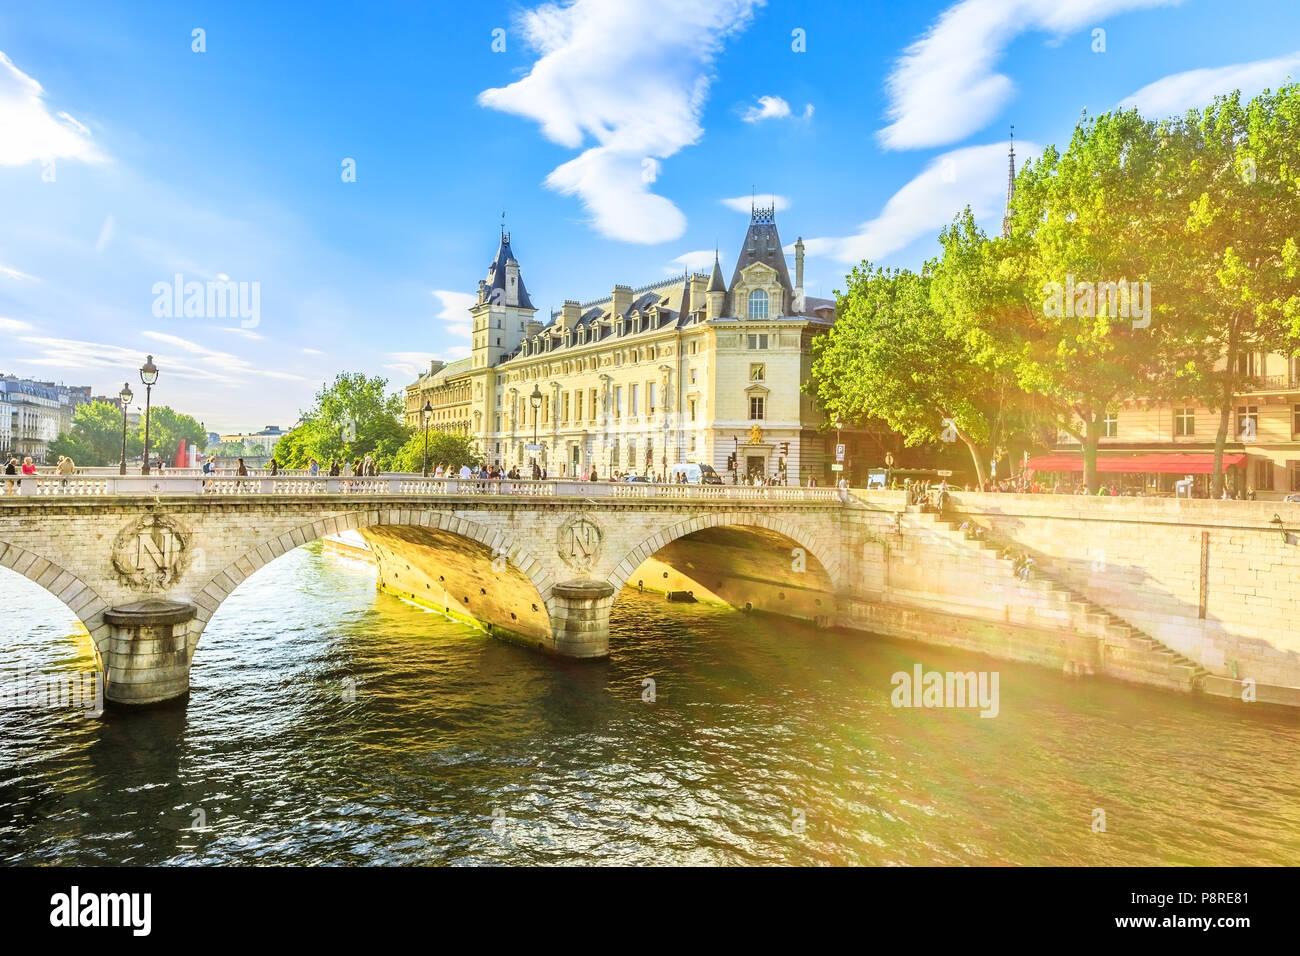 Pont au Change at sunset, bridge over river Seine and Conciergerie, a historic Parisian building within Palais de Justice complex, Ile de la Cite.Castle in former royal palace and prison Paris, France - Stock Image